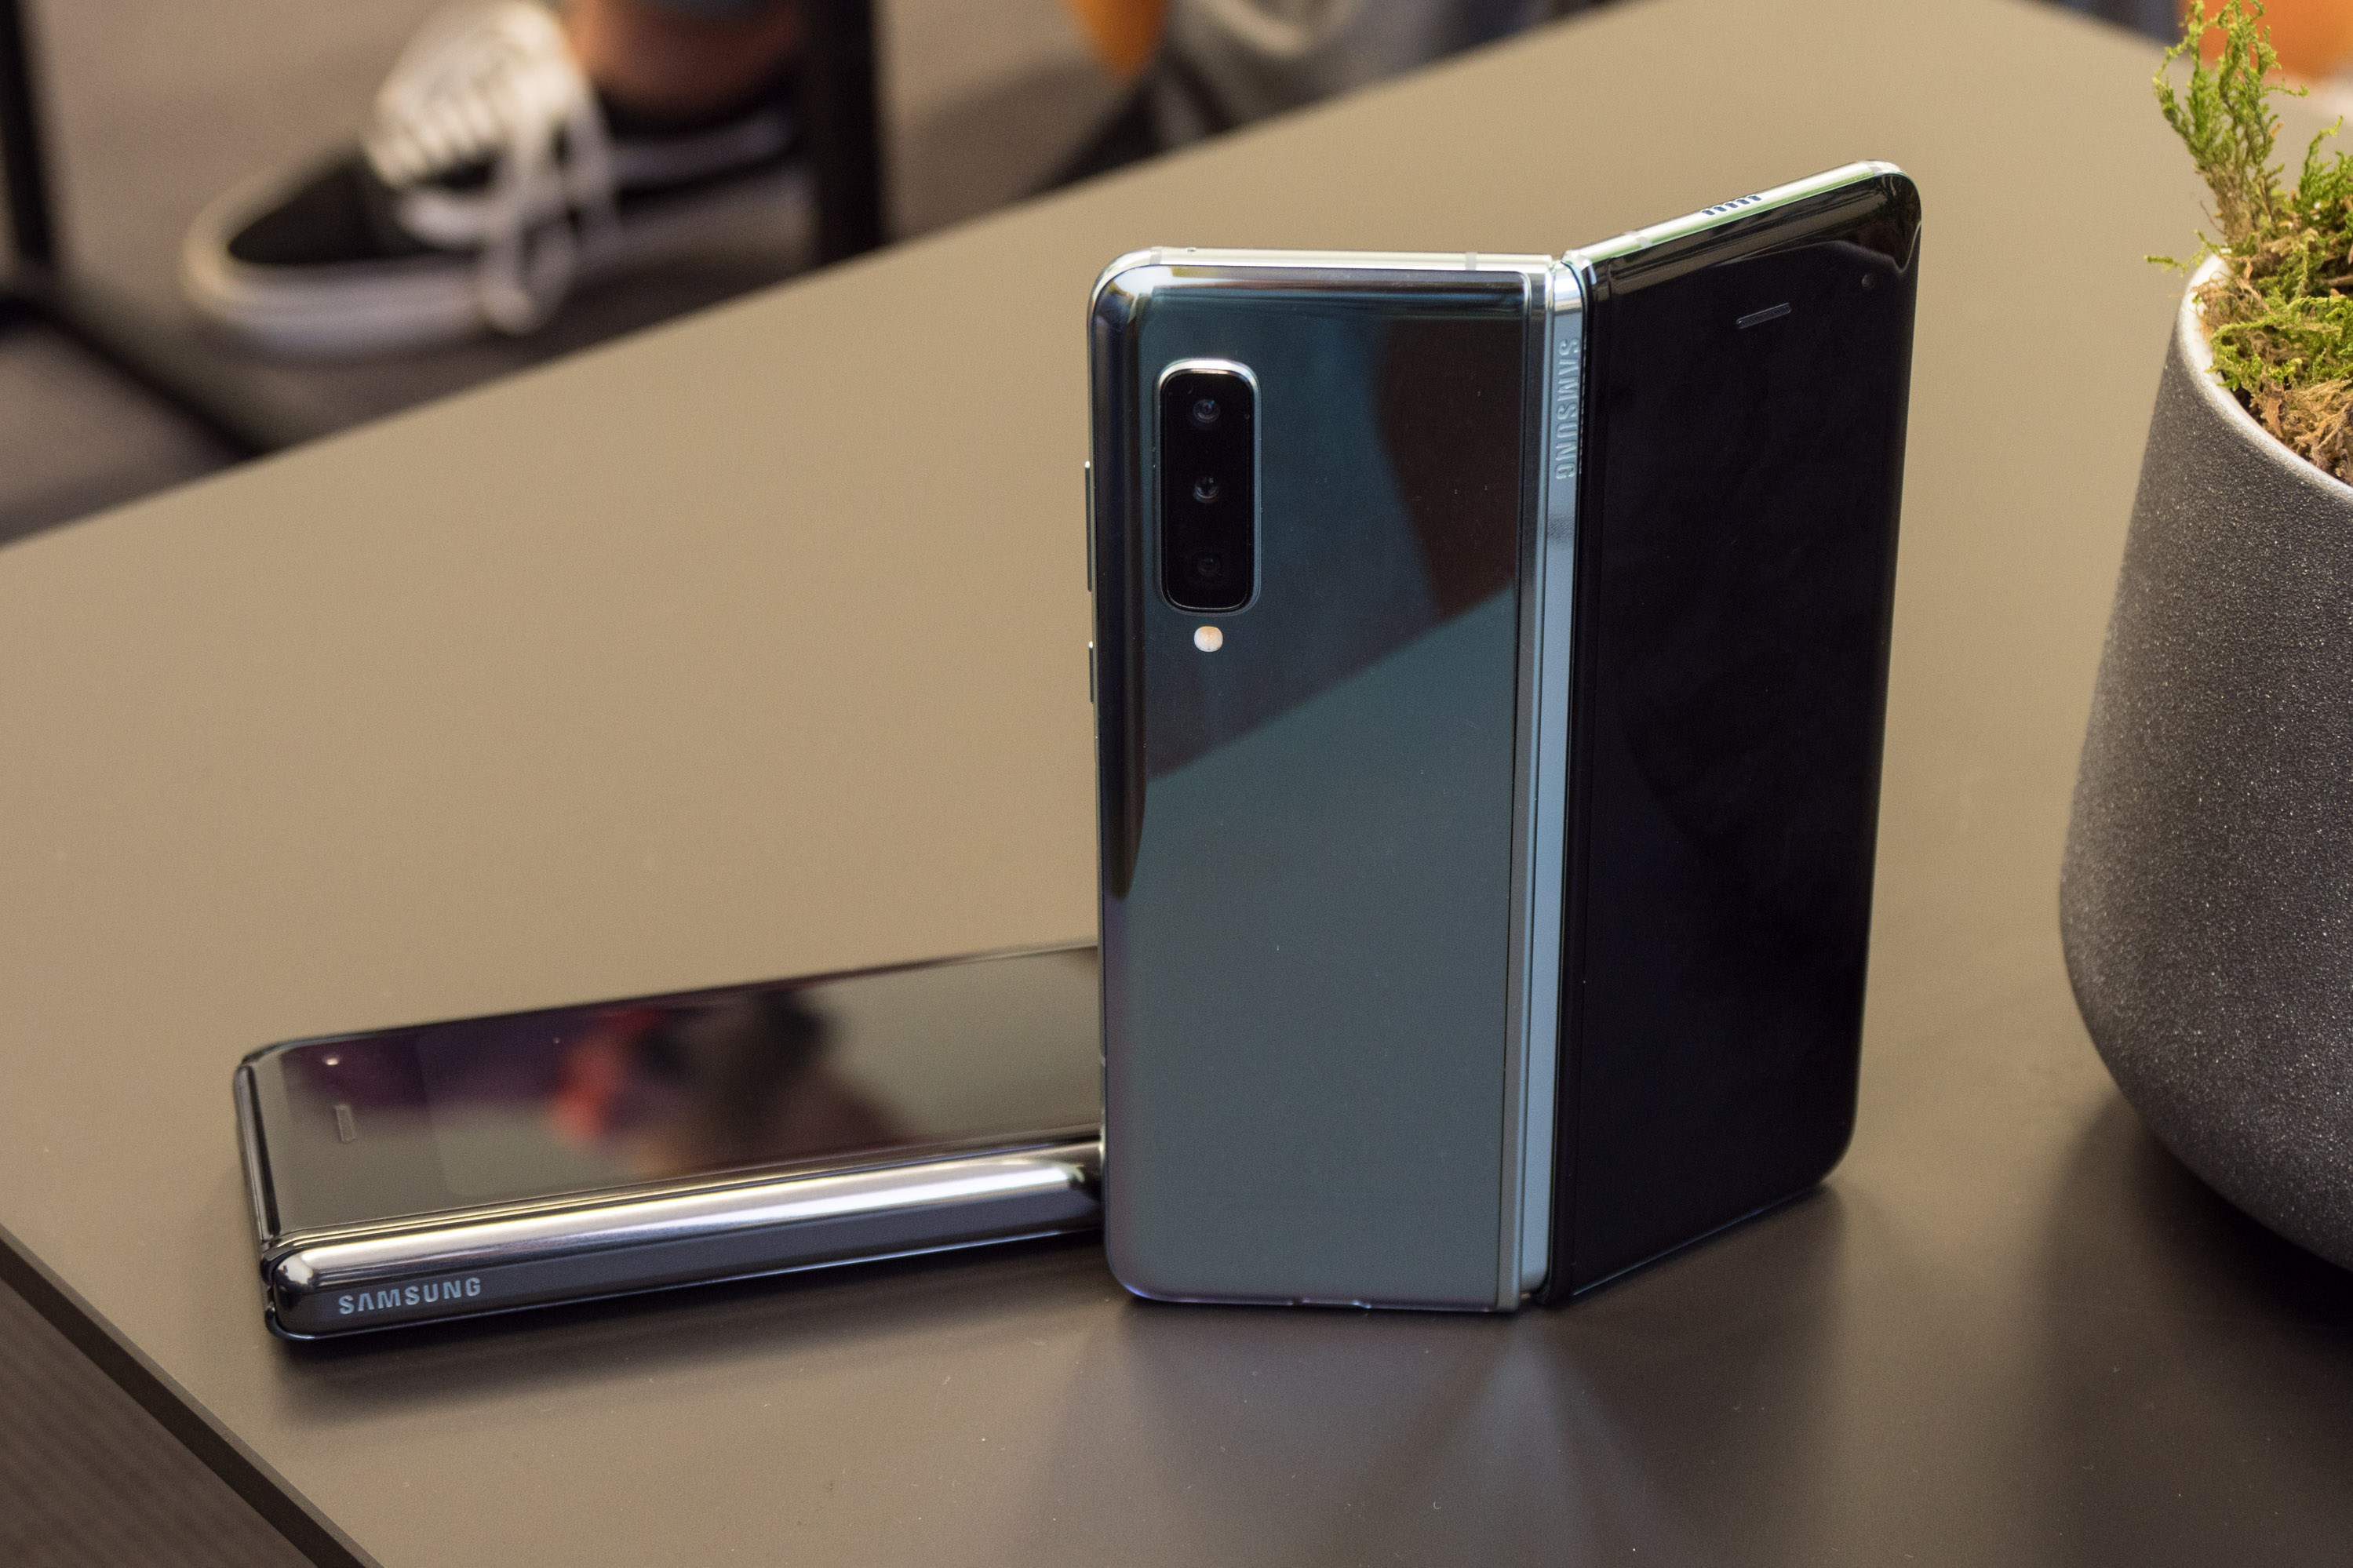 Galaxy Fold im Hands on: Samsung hat sein faltbares Smartphone gerettet - Das Galaxy Fold wird es in zwei Farben geben. (Bild: Martin Wolf/Golem.de)